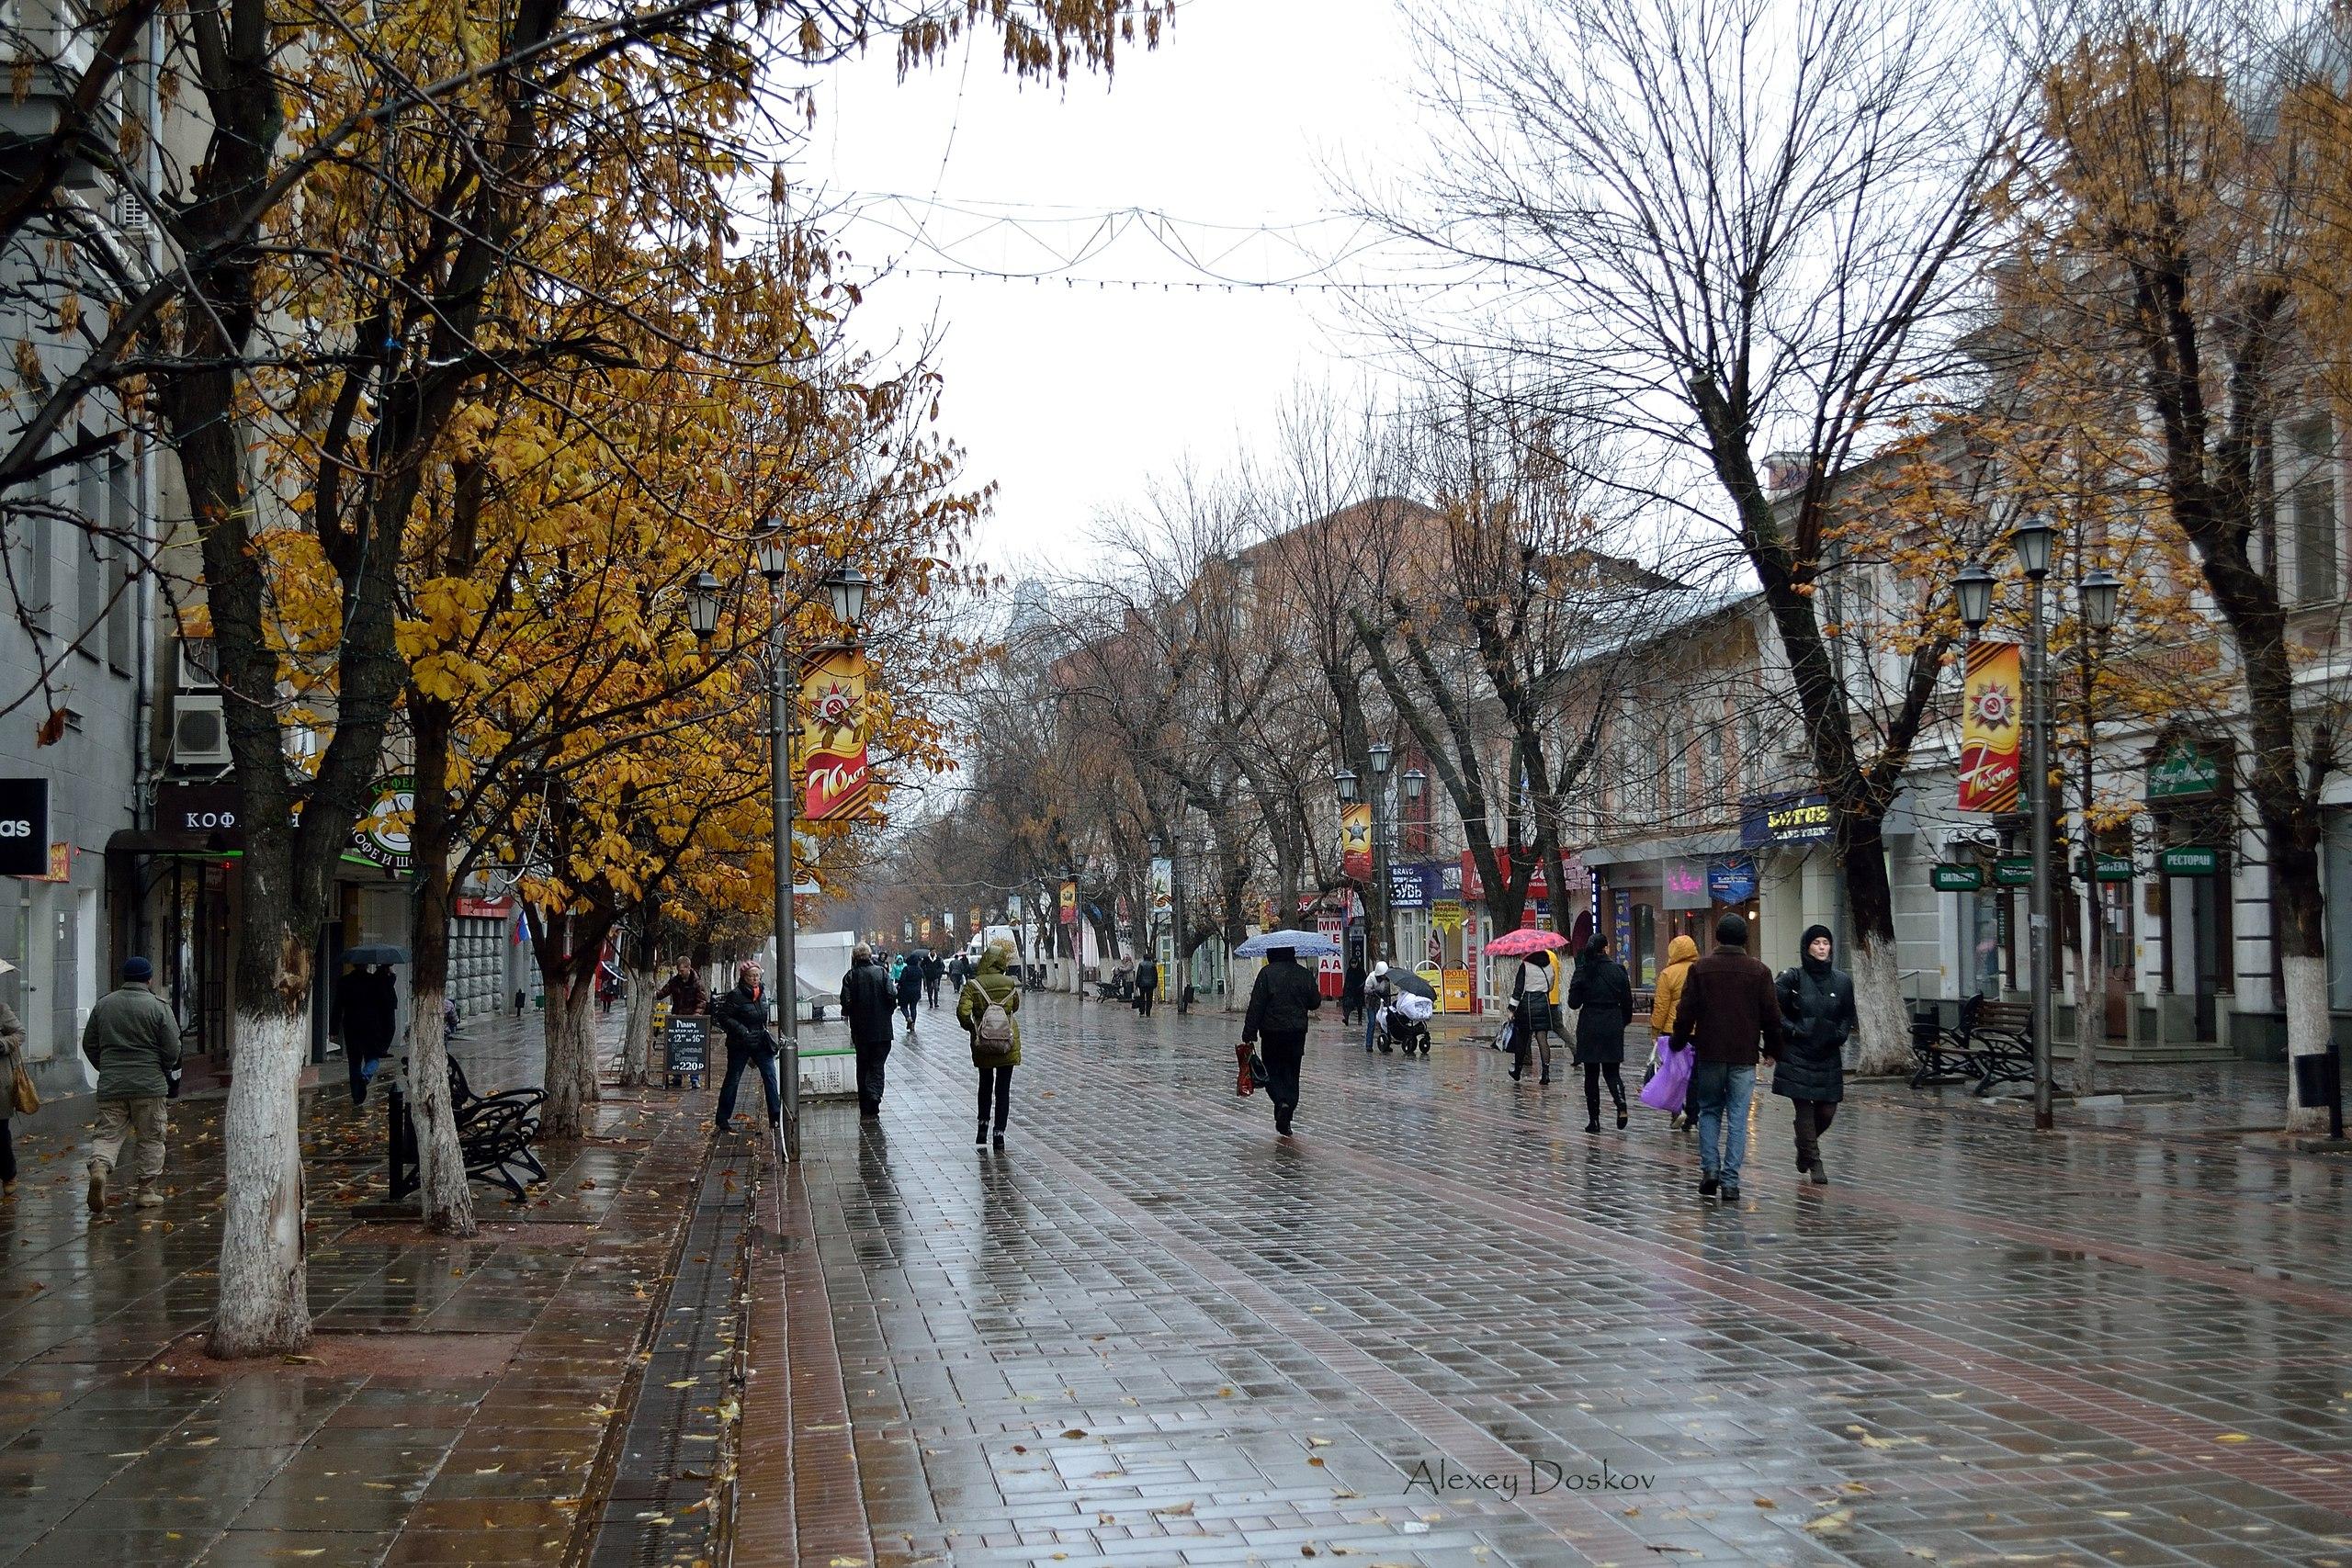 Прогулка по ноябрьским воспоминаниям - 2015 год